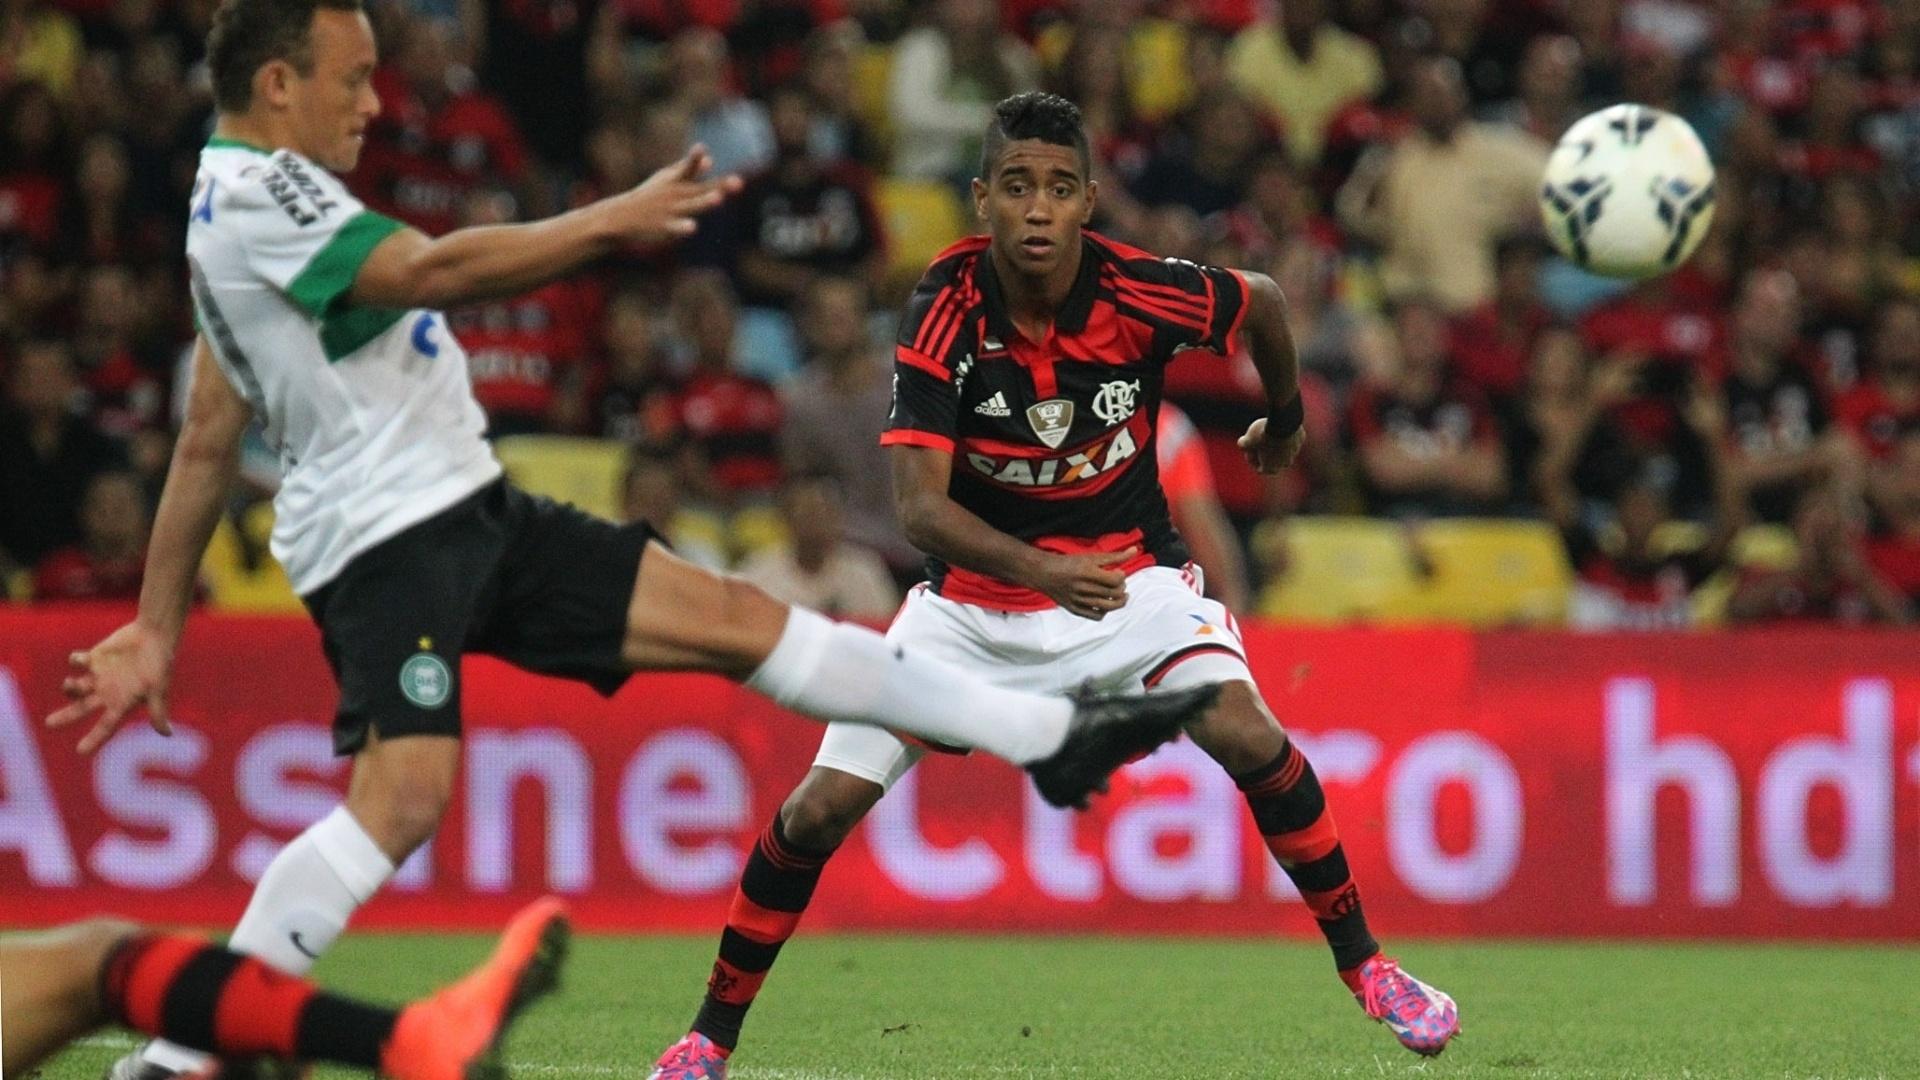 Gabriel disputa a bola para o Flamengo na partida contra o Coritiba pela Copa do Brasil